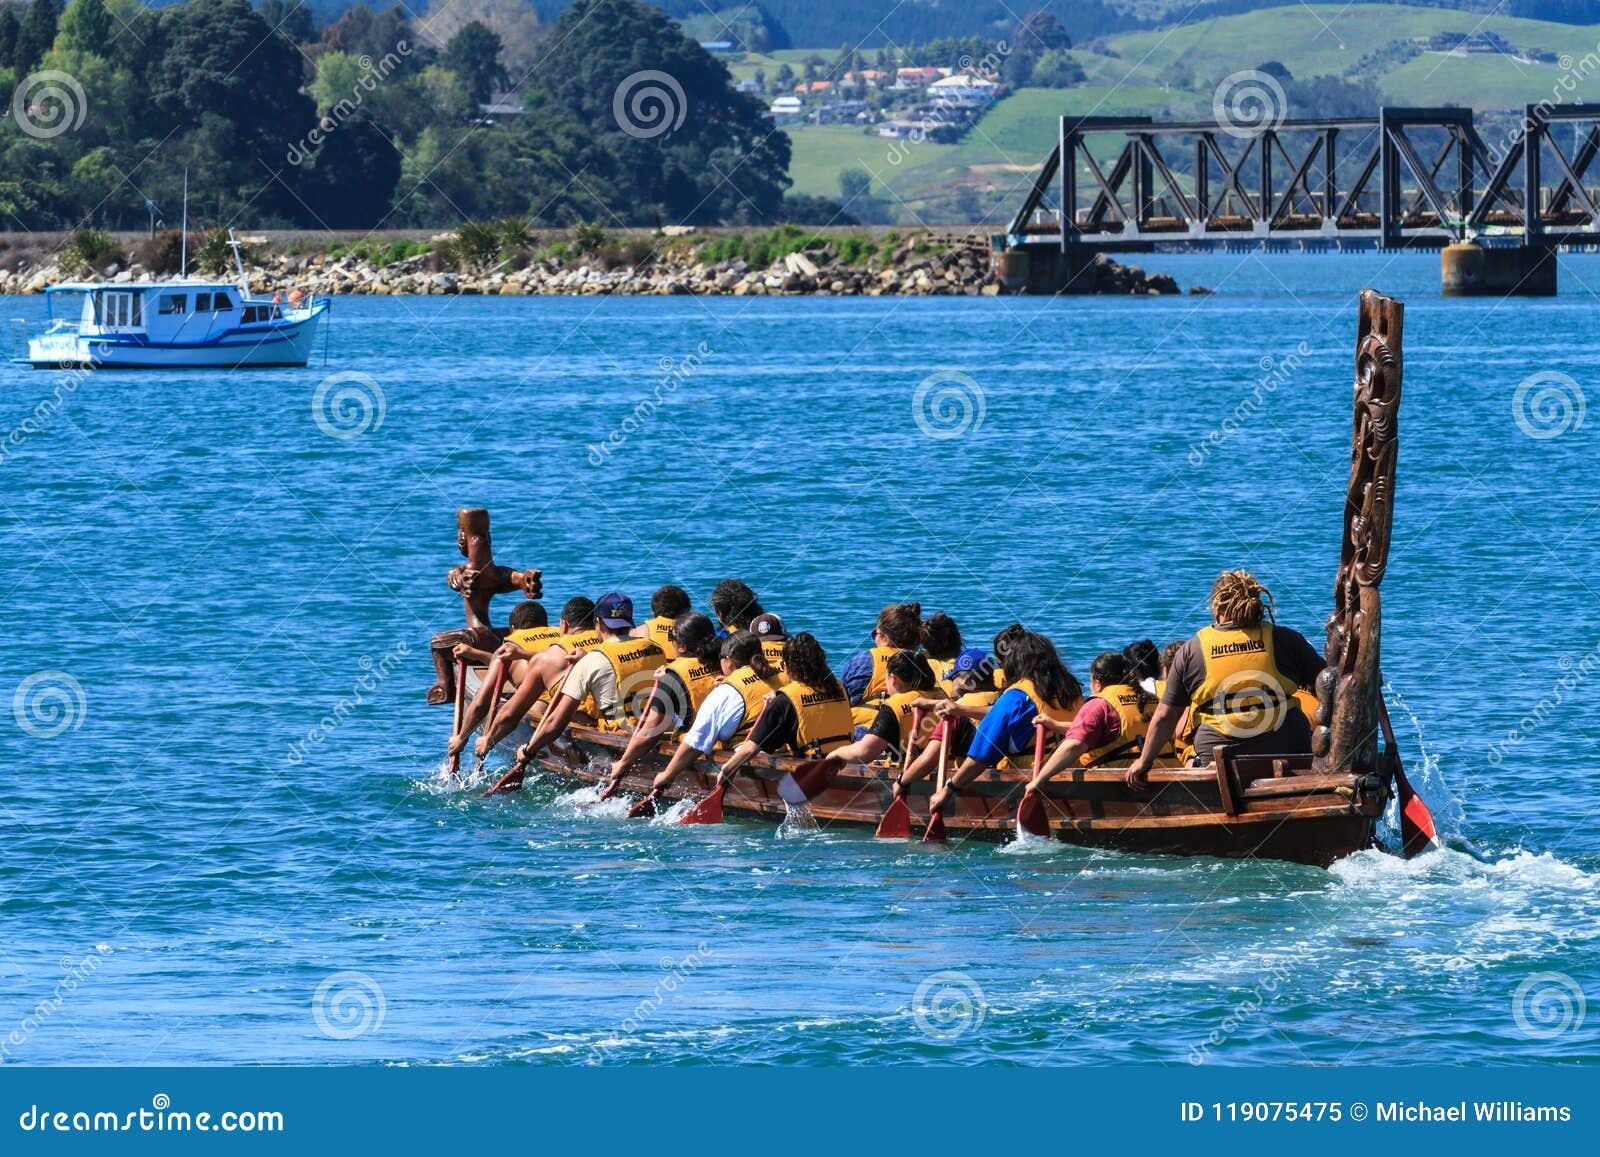 Ένα Maori waka, ένα εθιμοτυπικό κανό με τις παραδοσιακές γλυπτικές, στο νερό